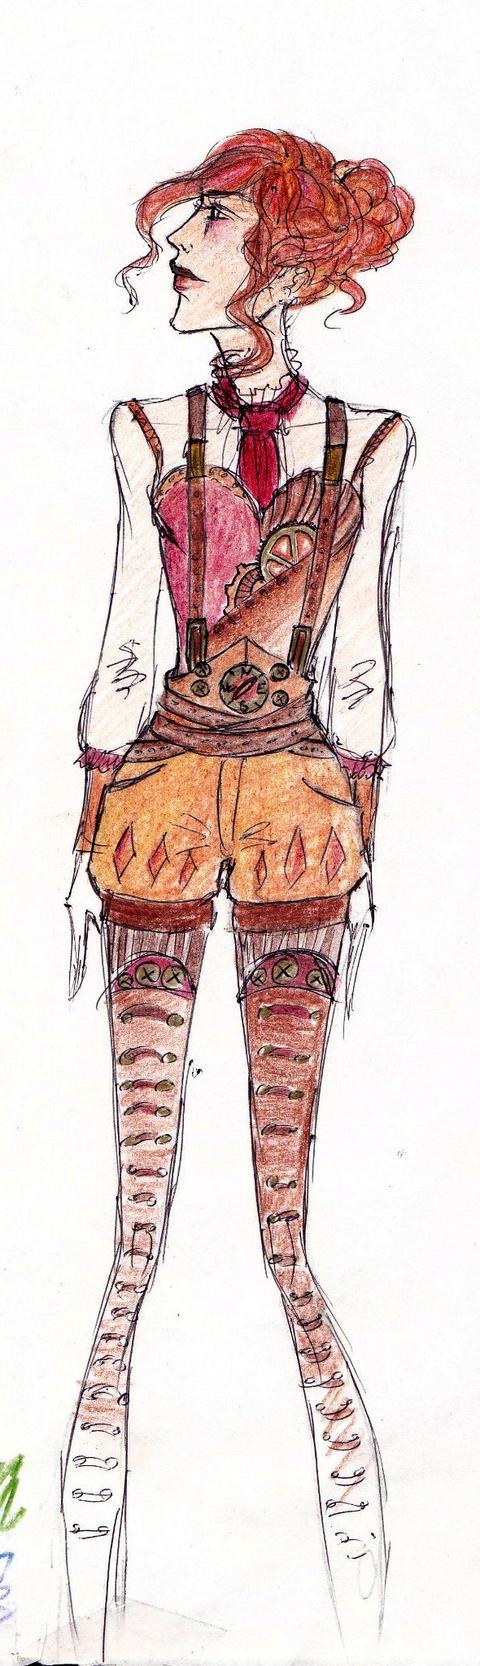 Steampunk Fashion Steampunk Fashion Sketch 6 by